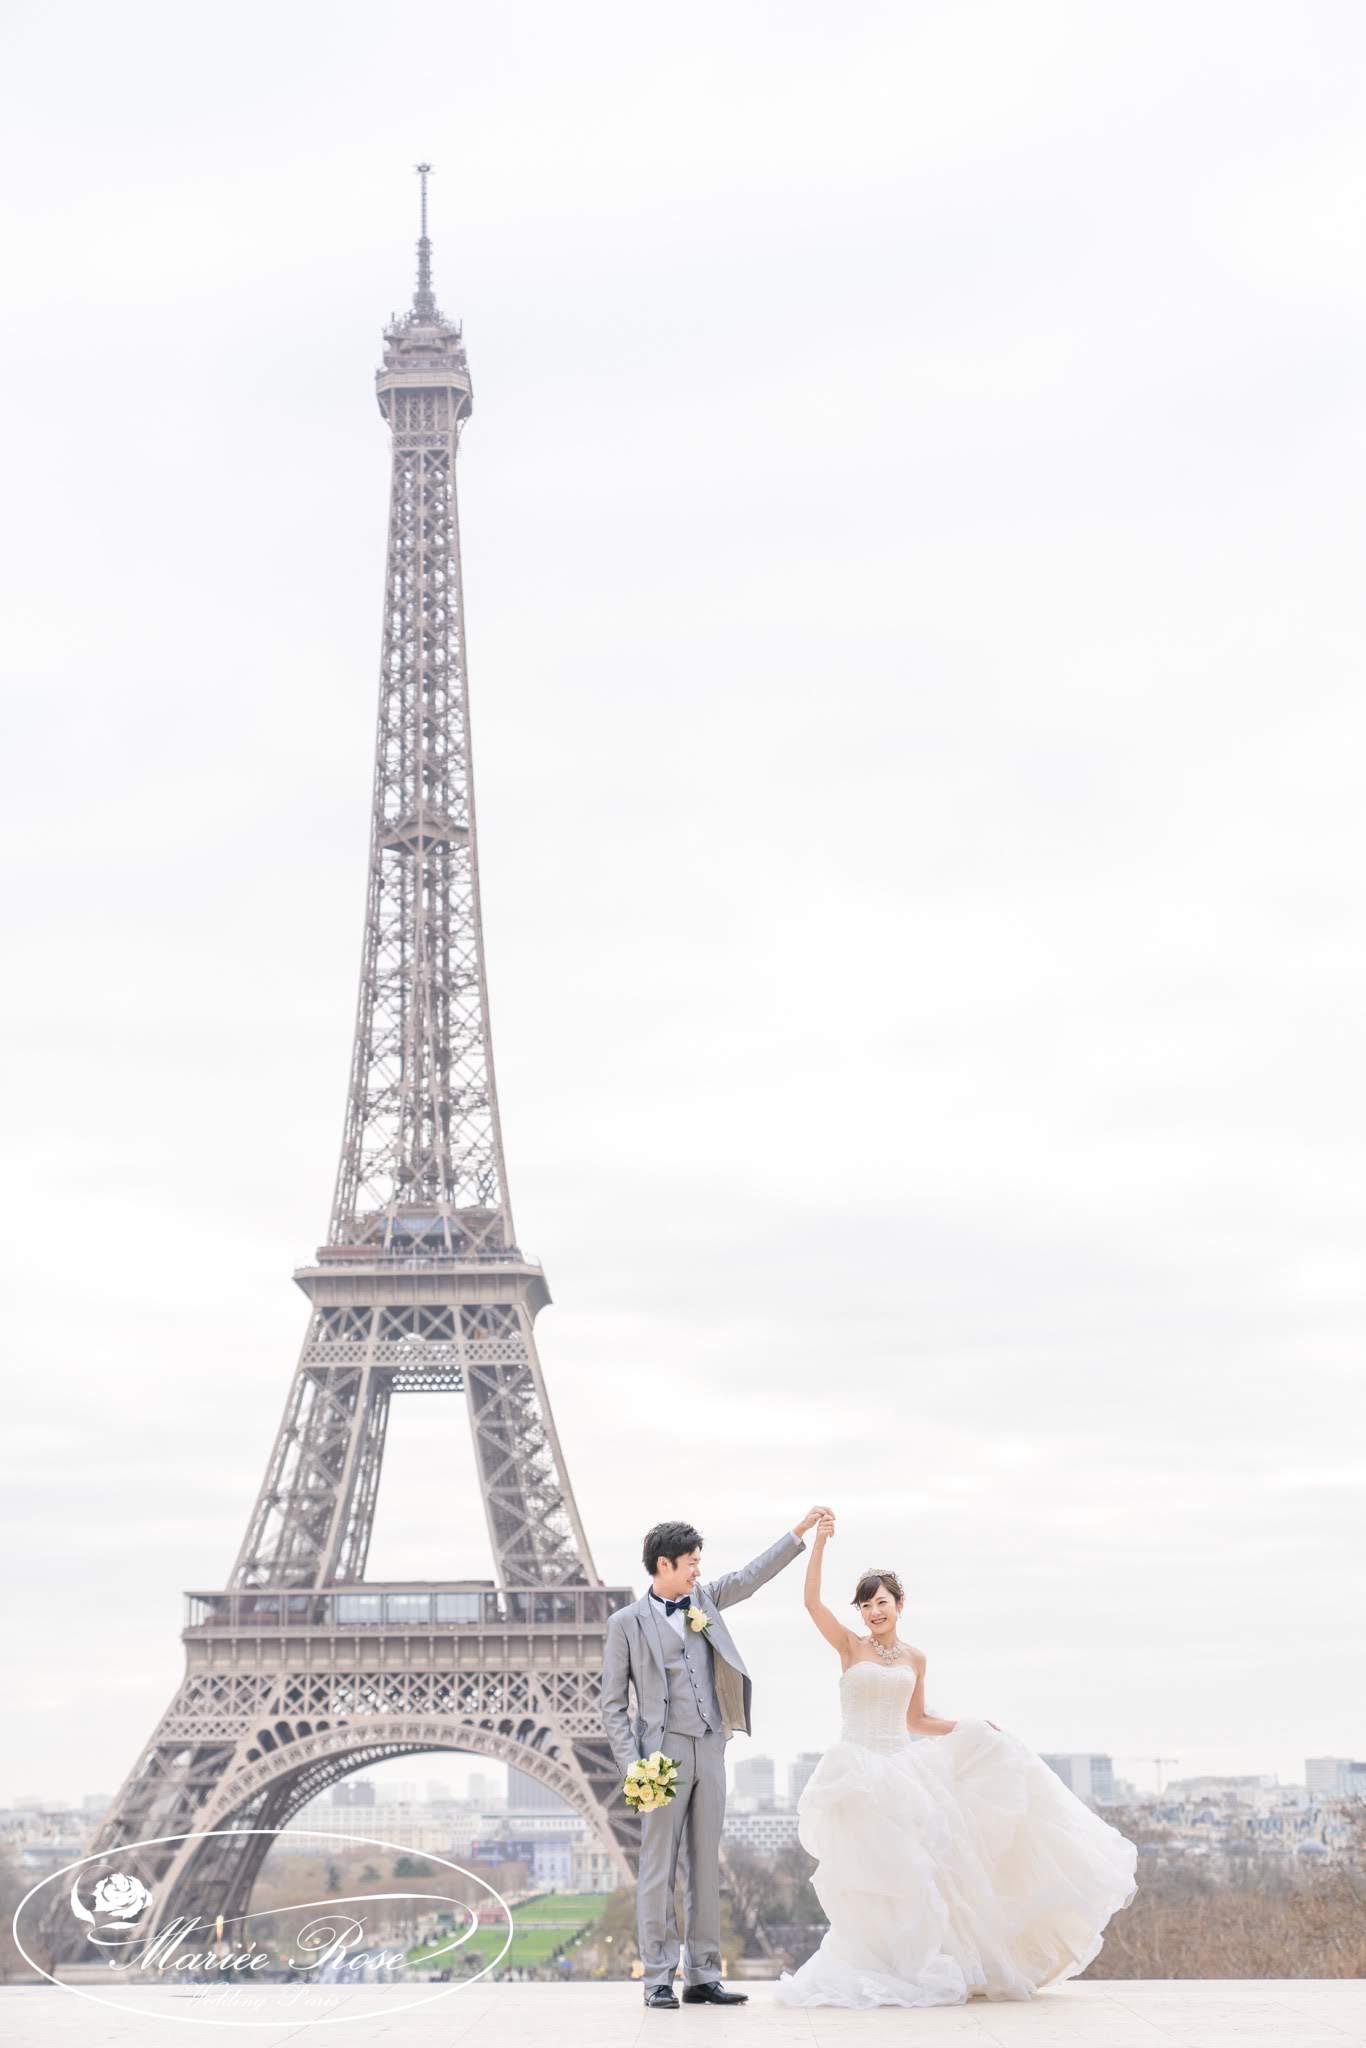 エッフェル塔,パリフォトウェディング,パリ前撮り,パリウェディング